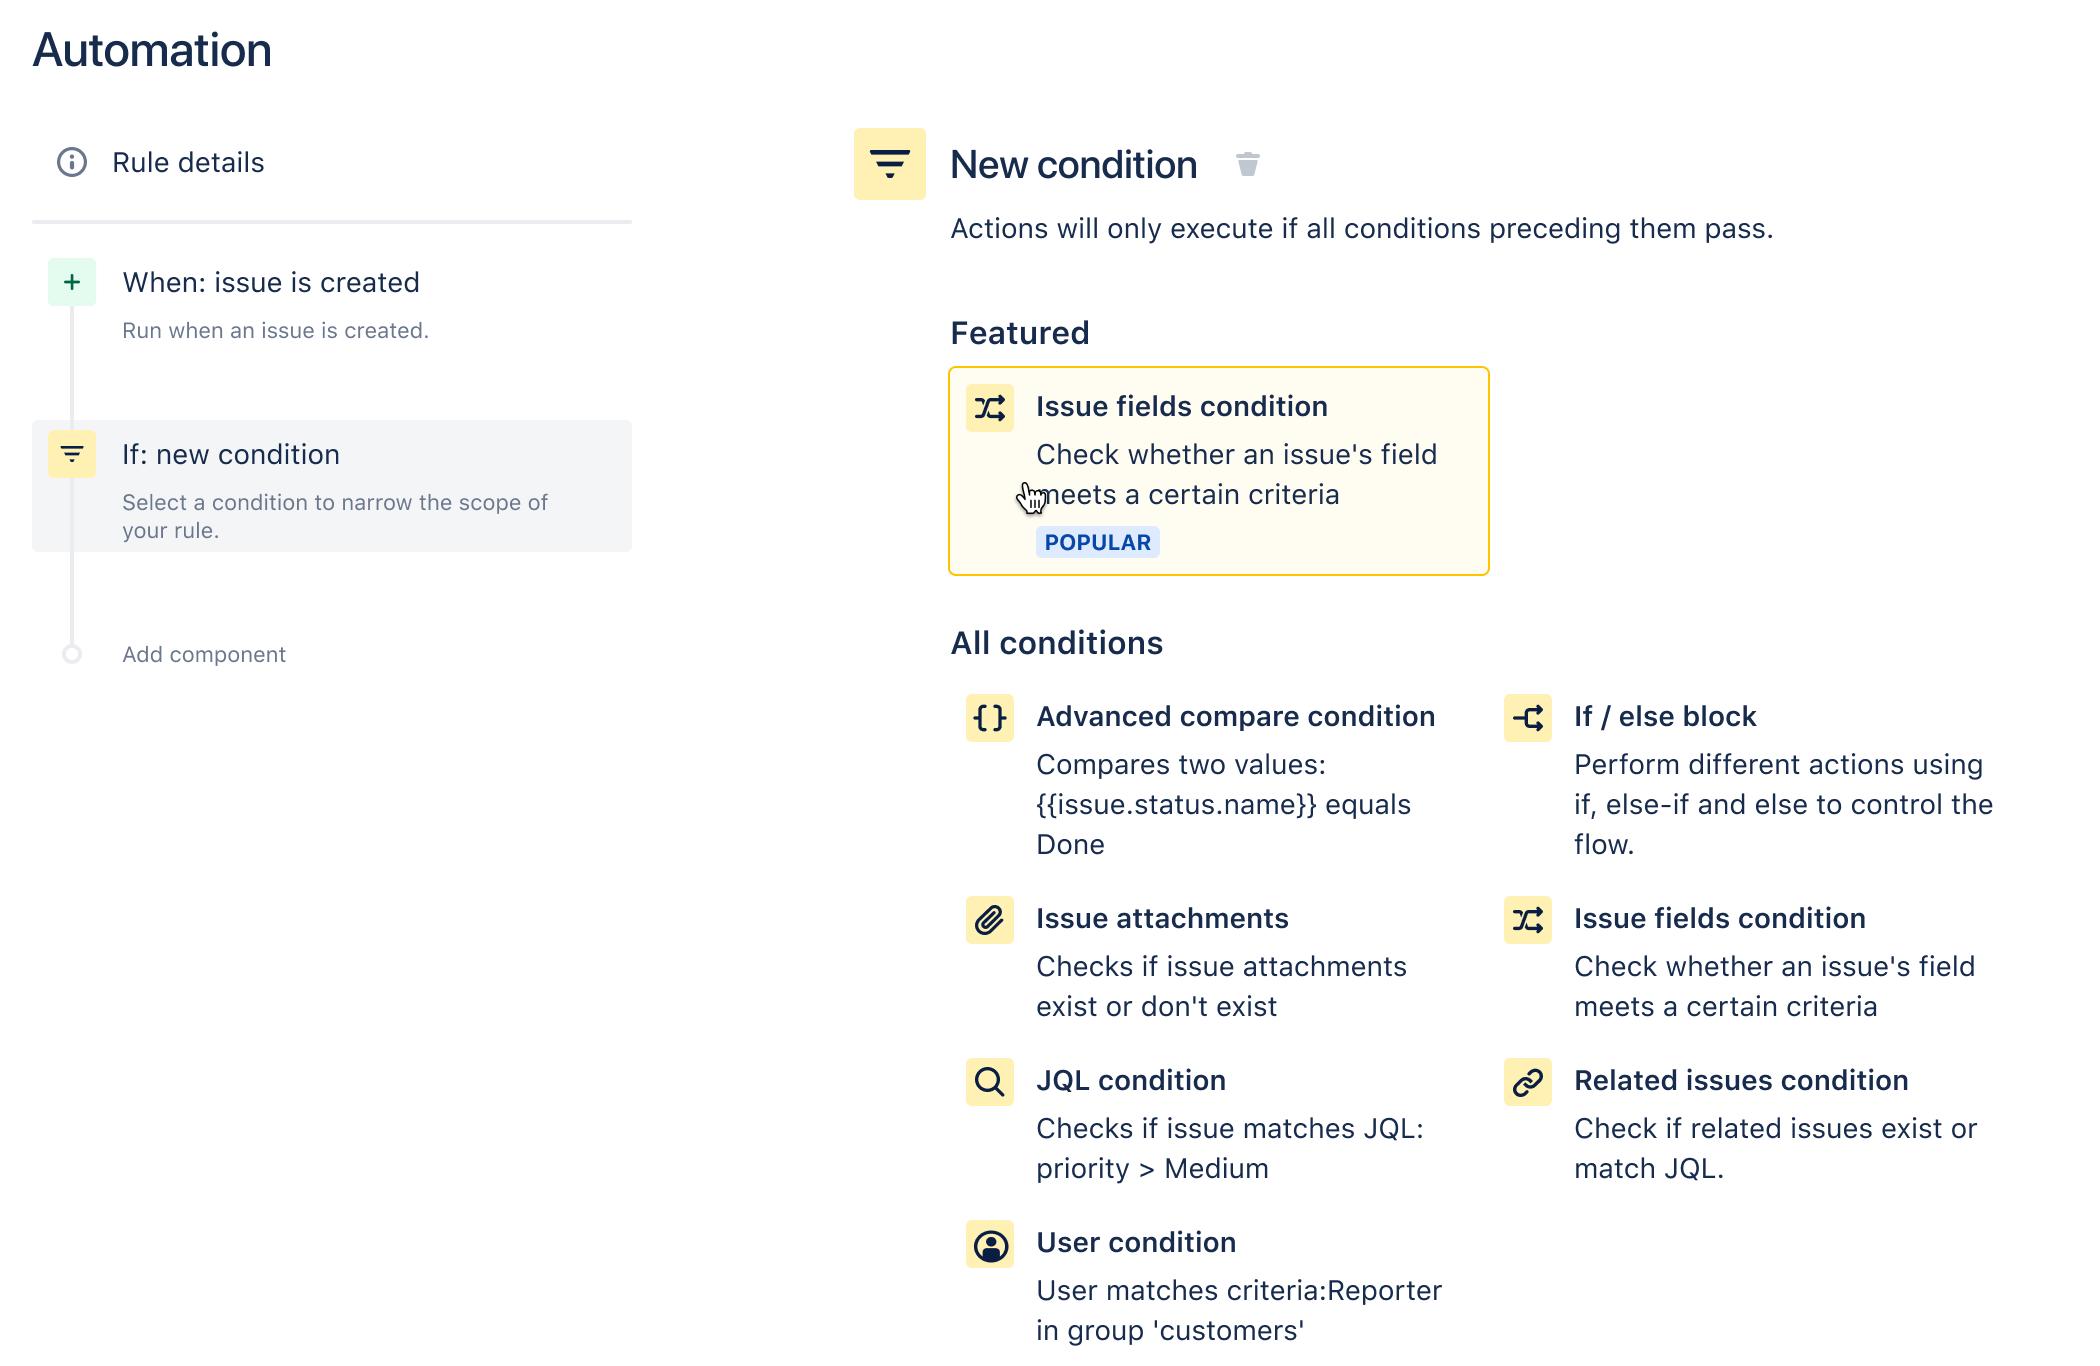 ルール作成時に利用可能な条件の一覧。